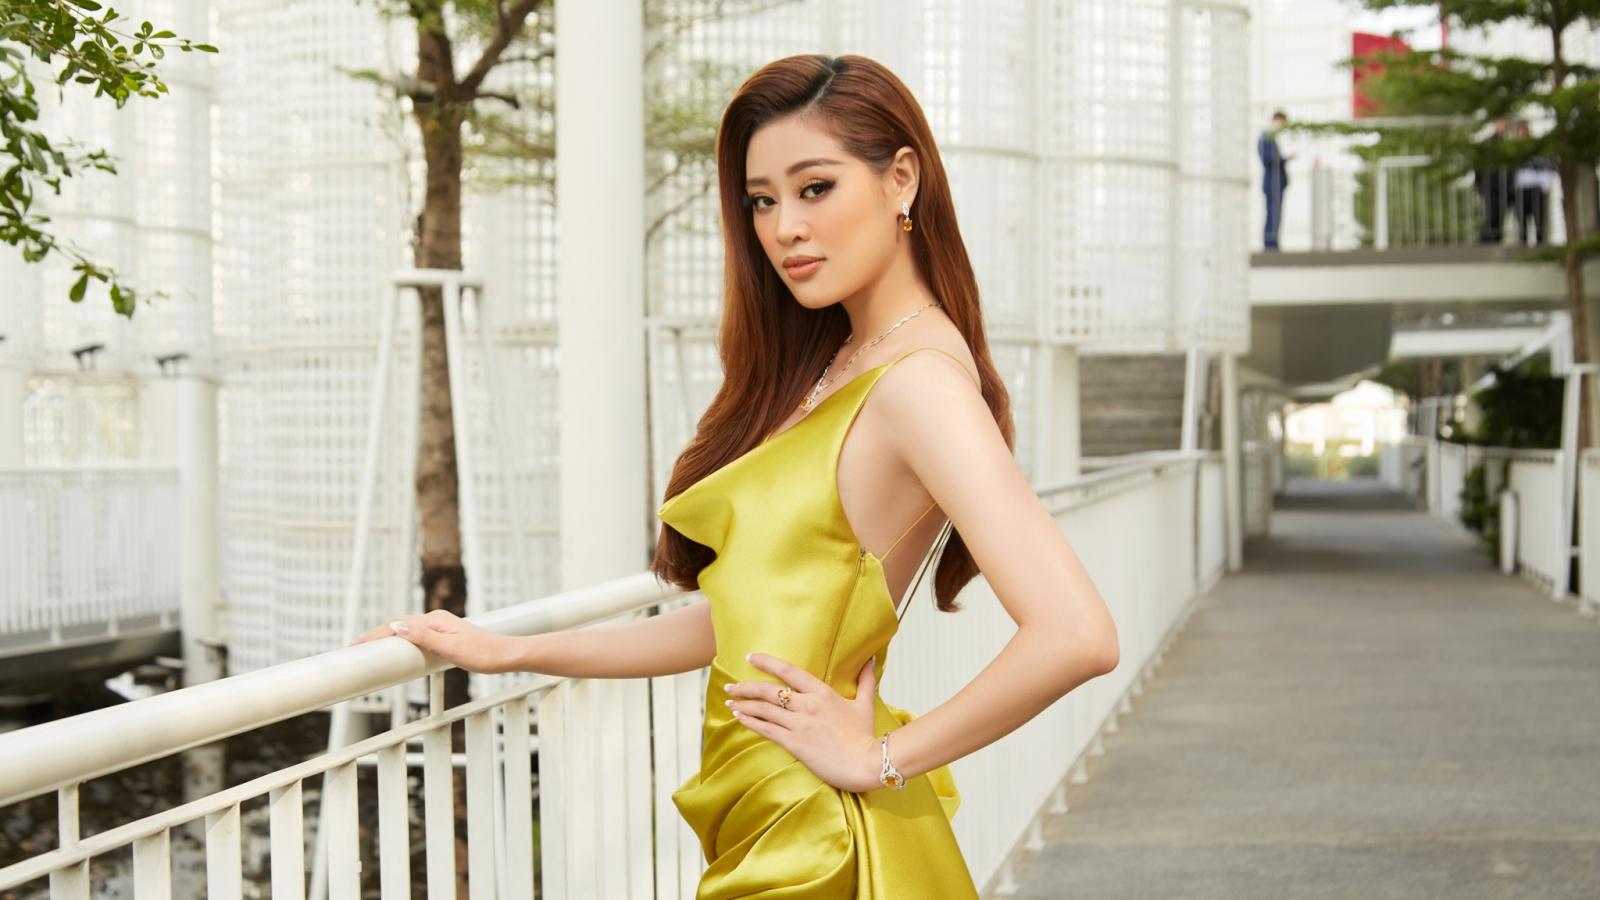 Hoa hậu Khánh Vân xinh đẹp nổi bật với đầm vàng gợi cảm đi dự sự kiện